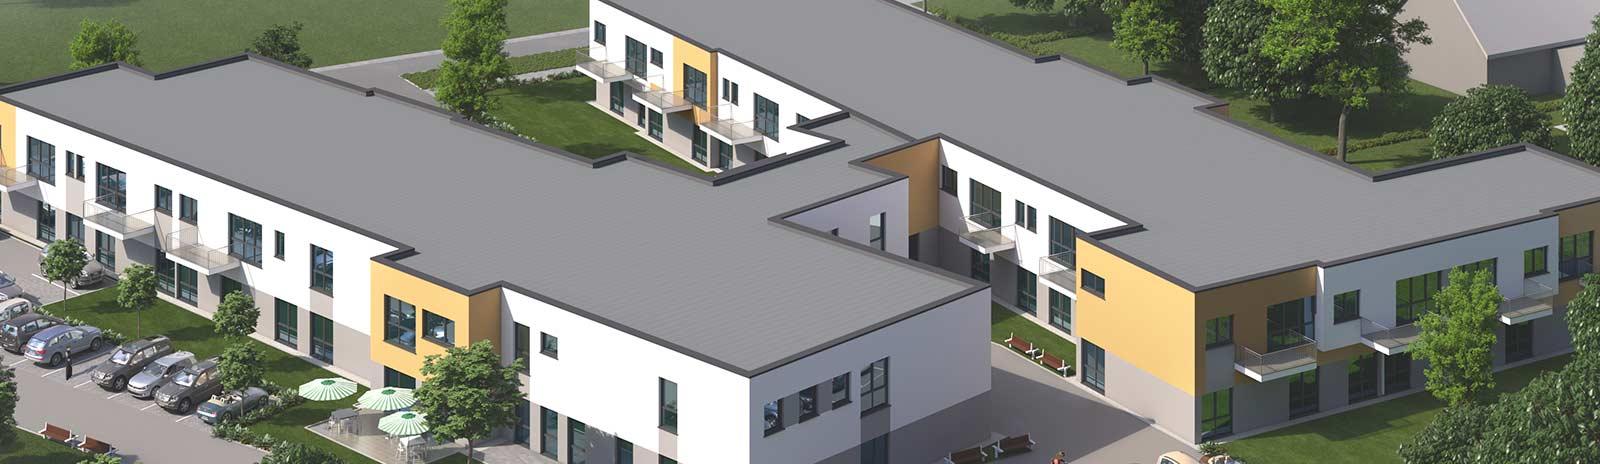 2019_11_18_Haus-in-den-Auen_Betriebsaufnahme_slider